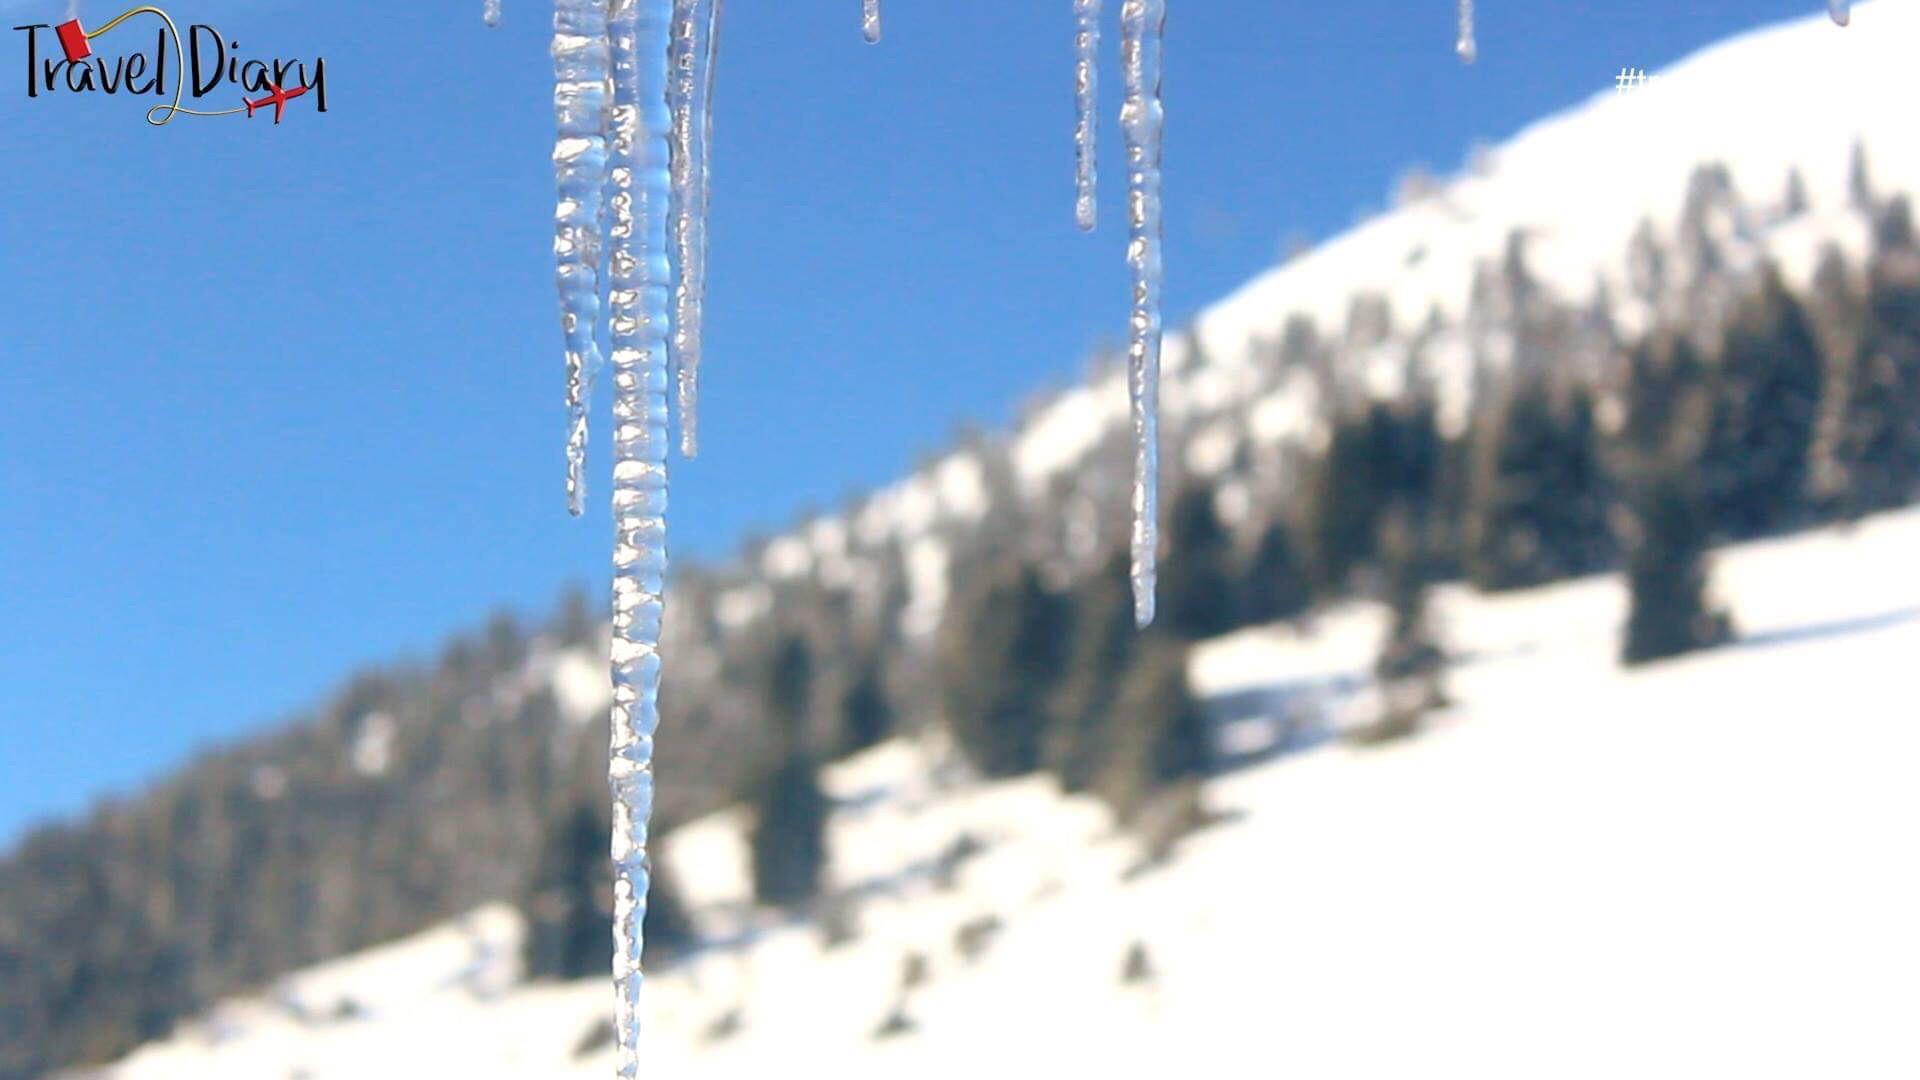 Βόλτα στο χιονισμένο Μαίναλο! (Βίντεο)